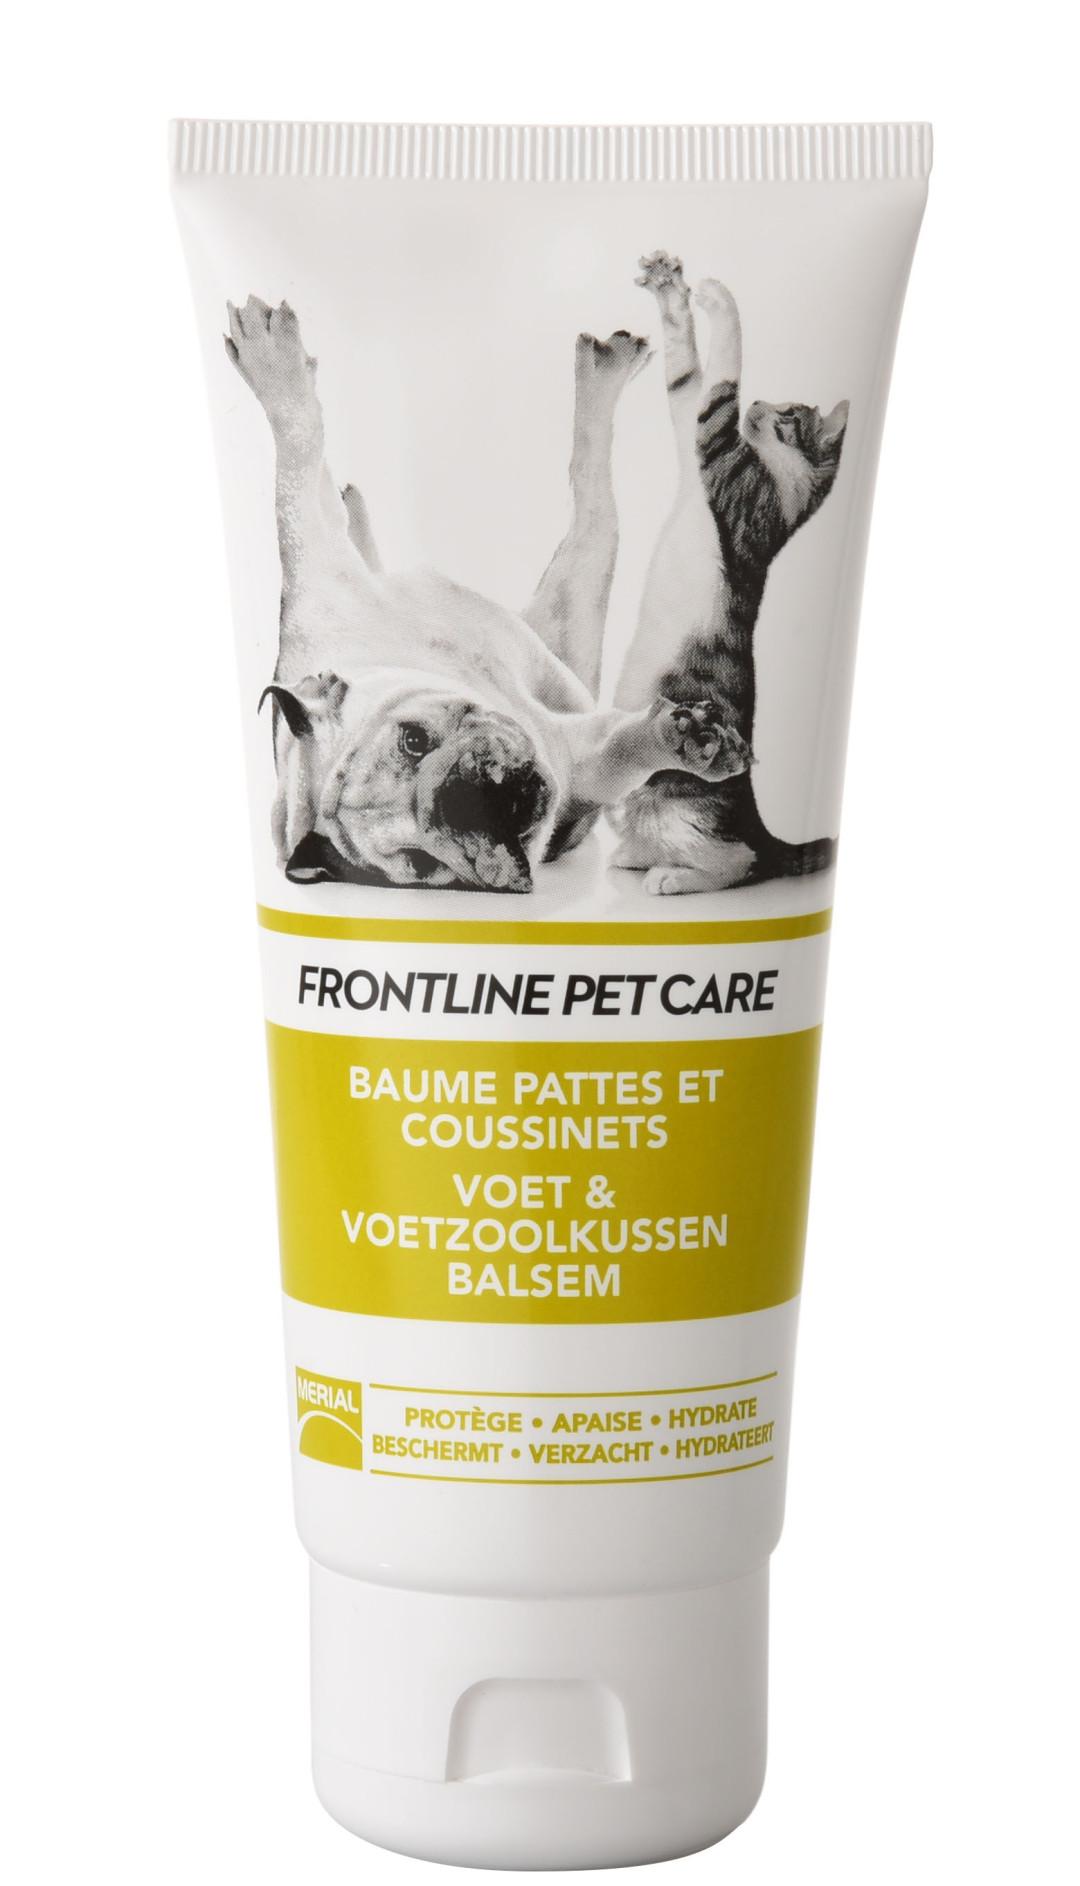 Frontline Pet Care voet & voetzoolkussen-balsem 100 ml